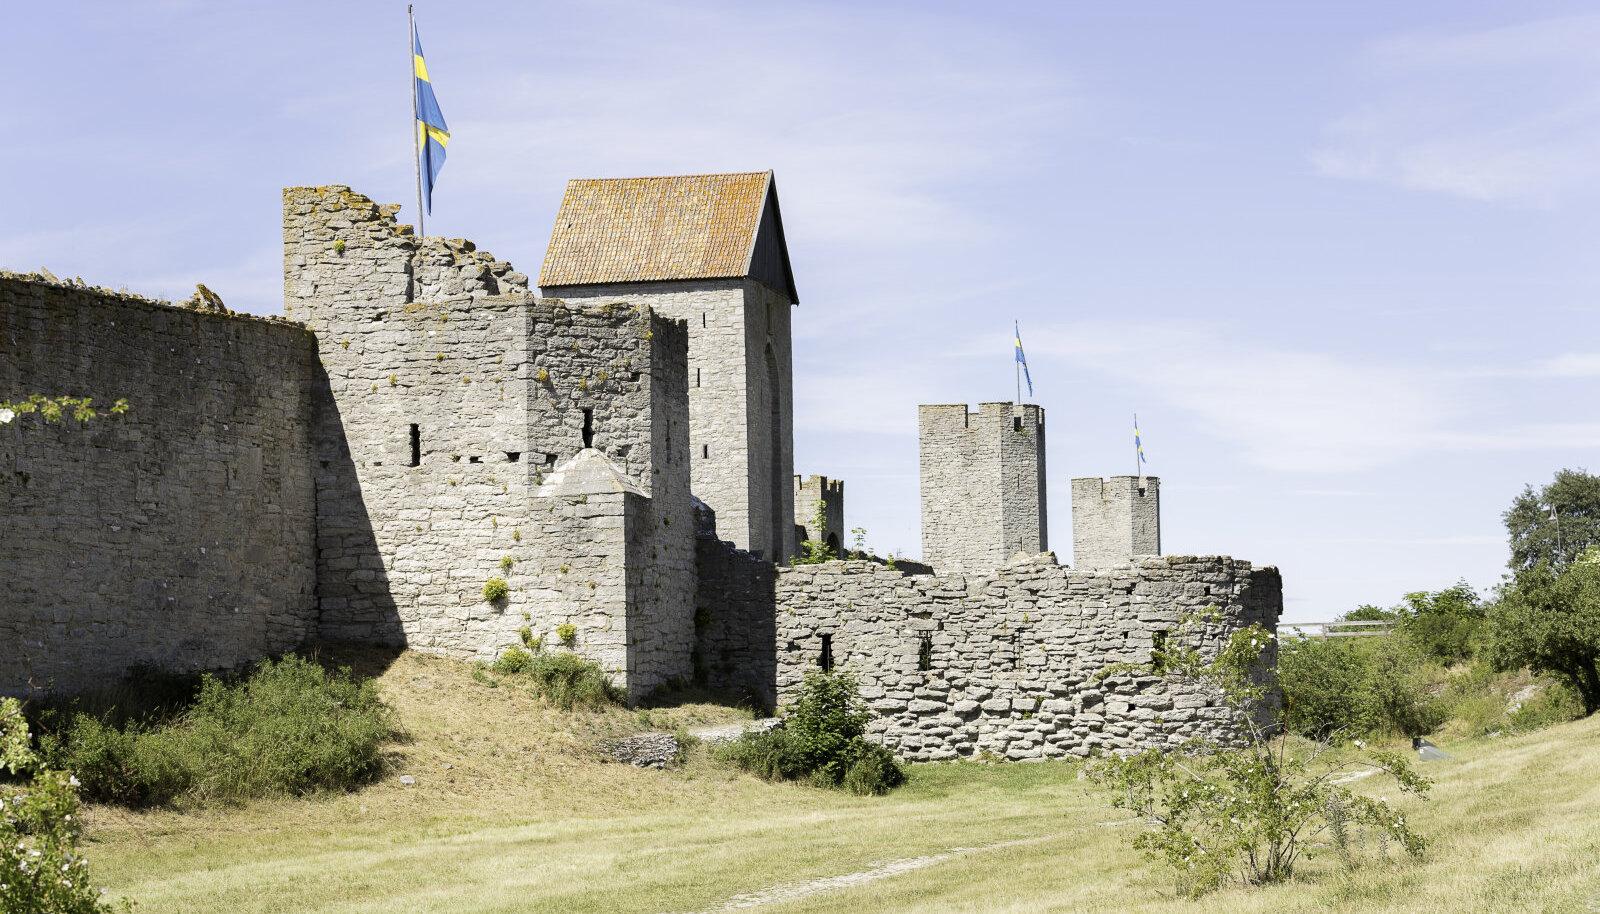 Visby, Ojamaa